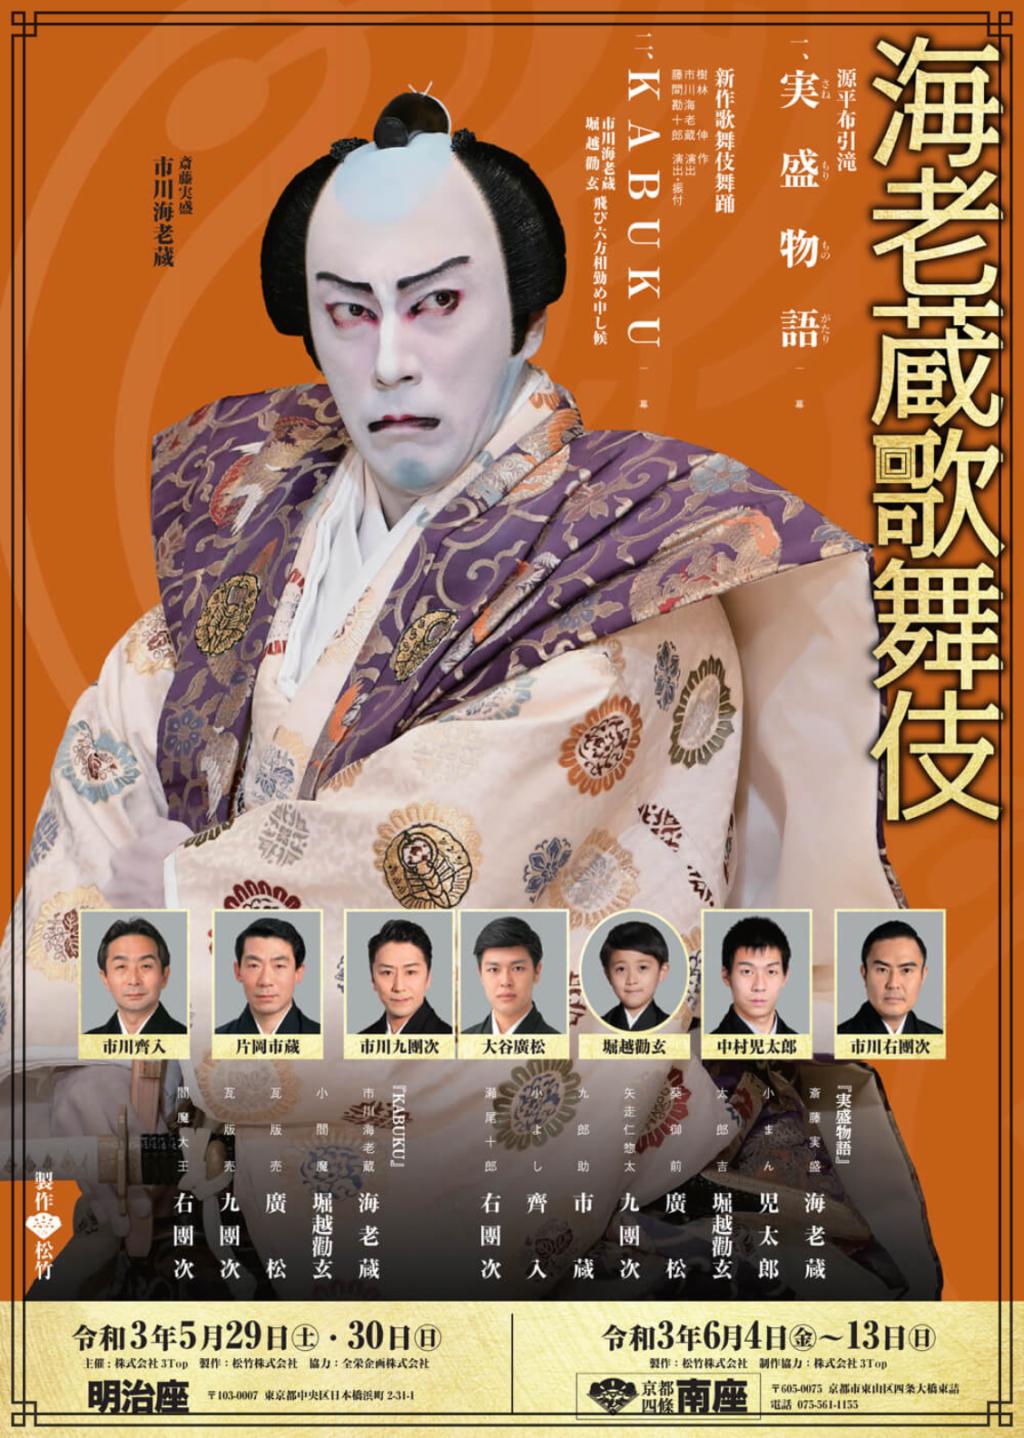 海老蔵歌舞伎『KABUKU』